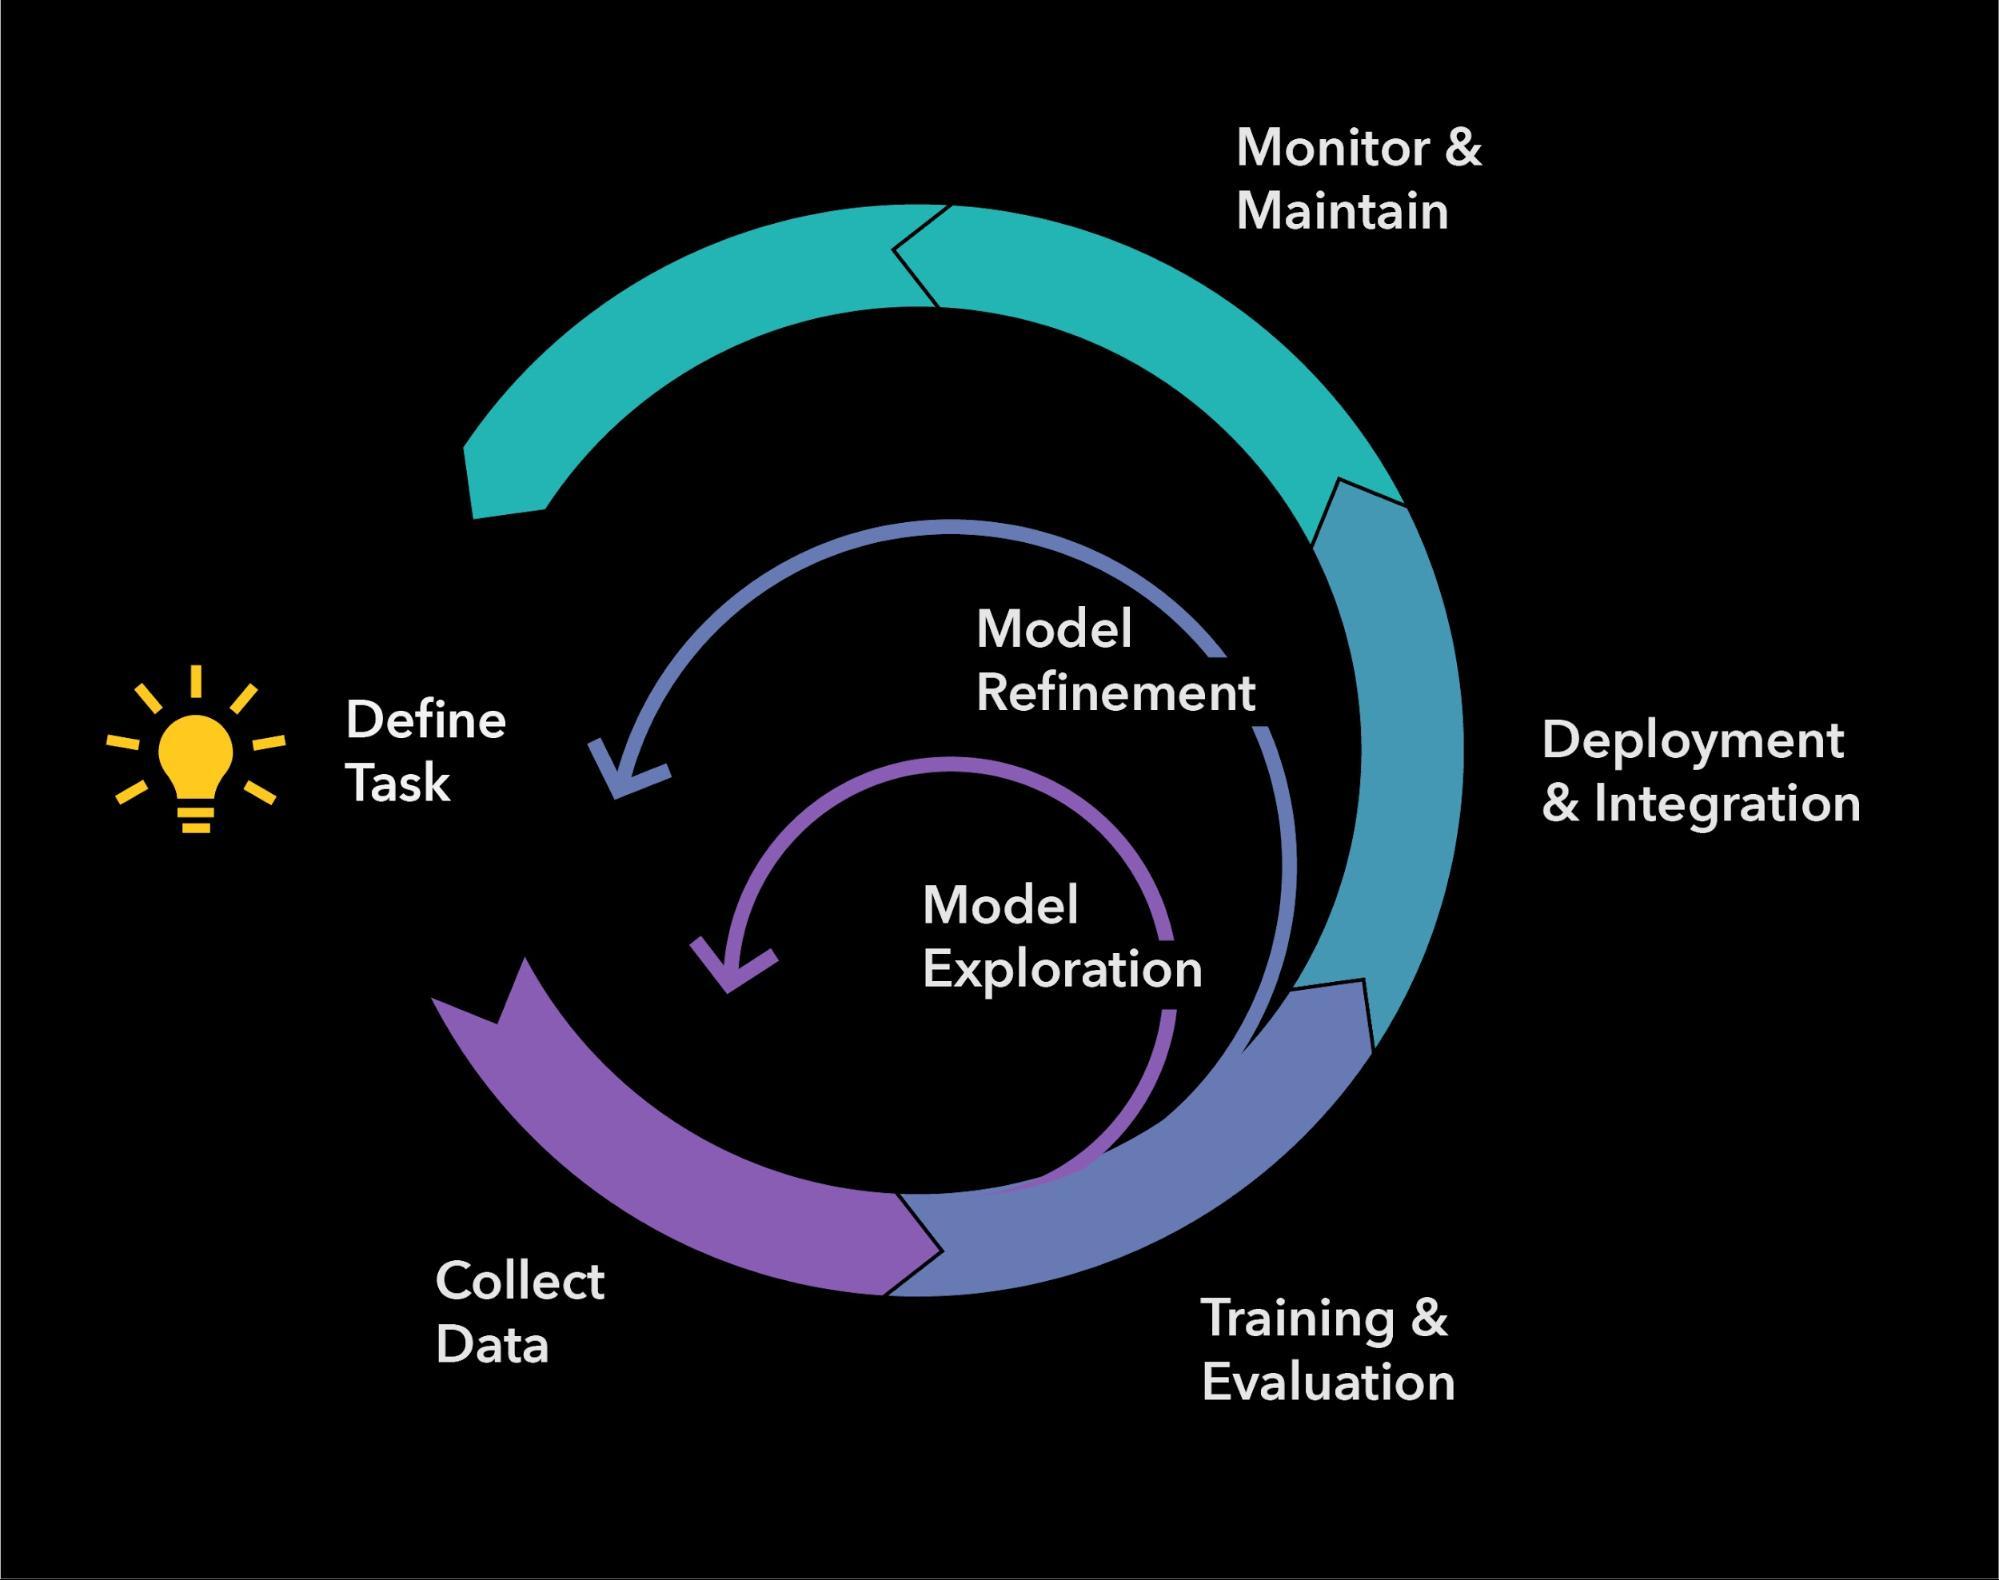 模型开发生命周期(MDLC)有典型软件工程工作流的元素,也有独特的数据和实验元素。